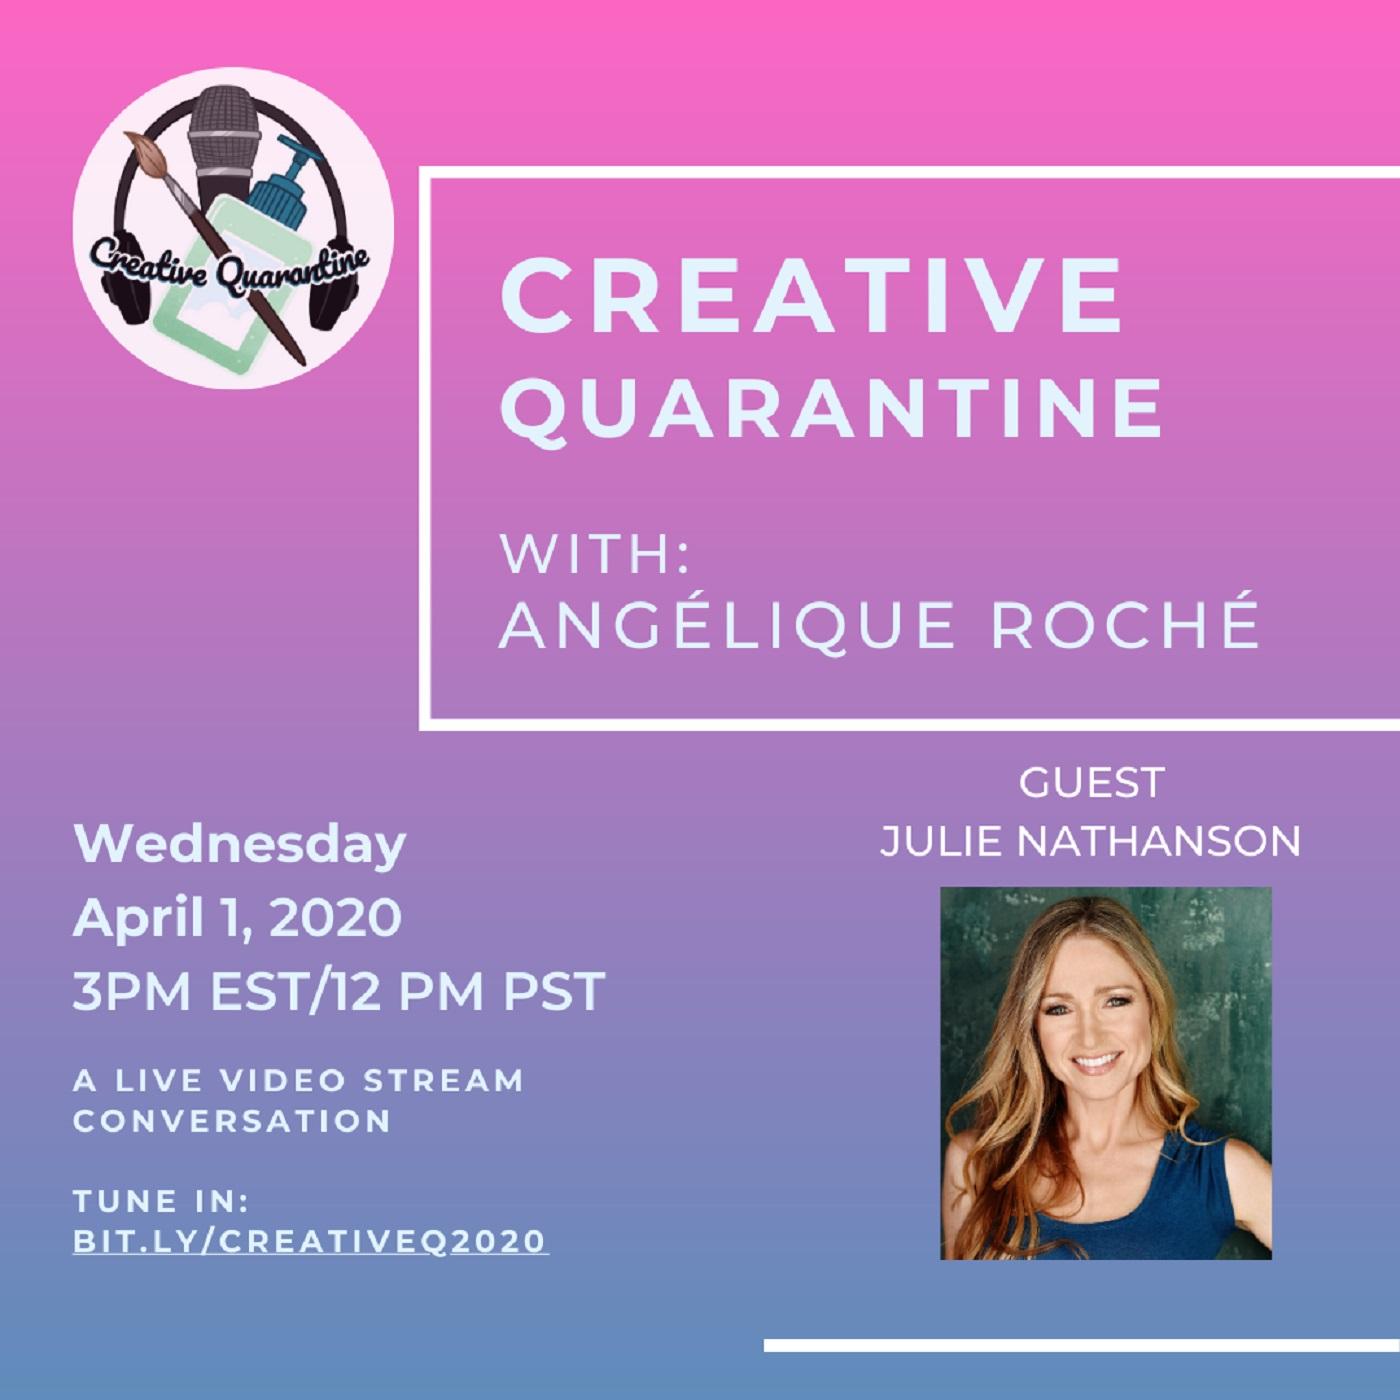 Creative Quaratine Episode 8 Julie Nathanson